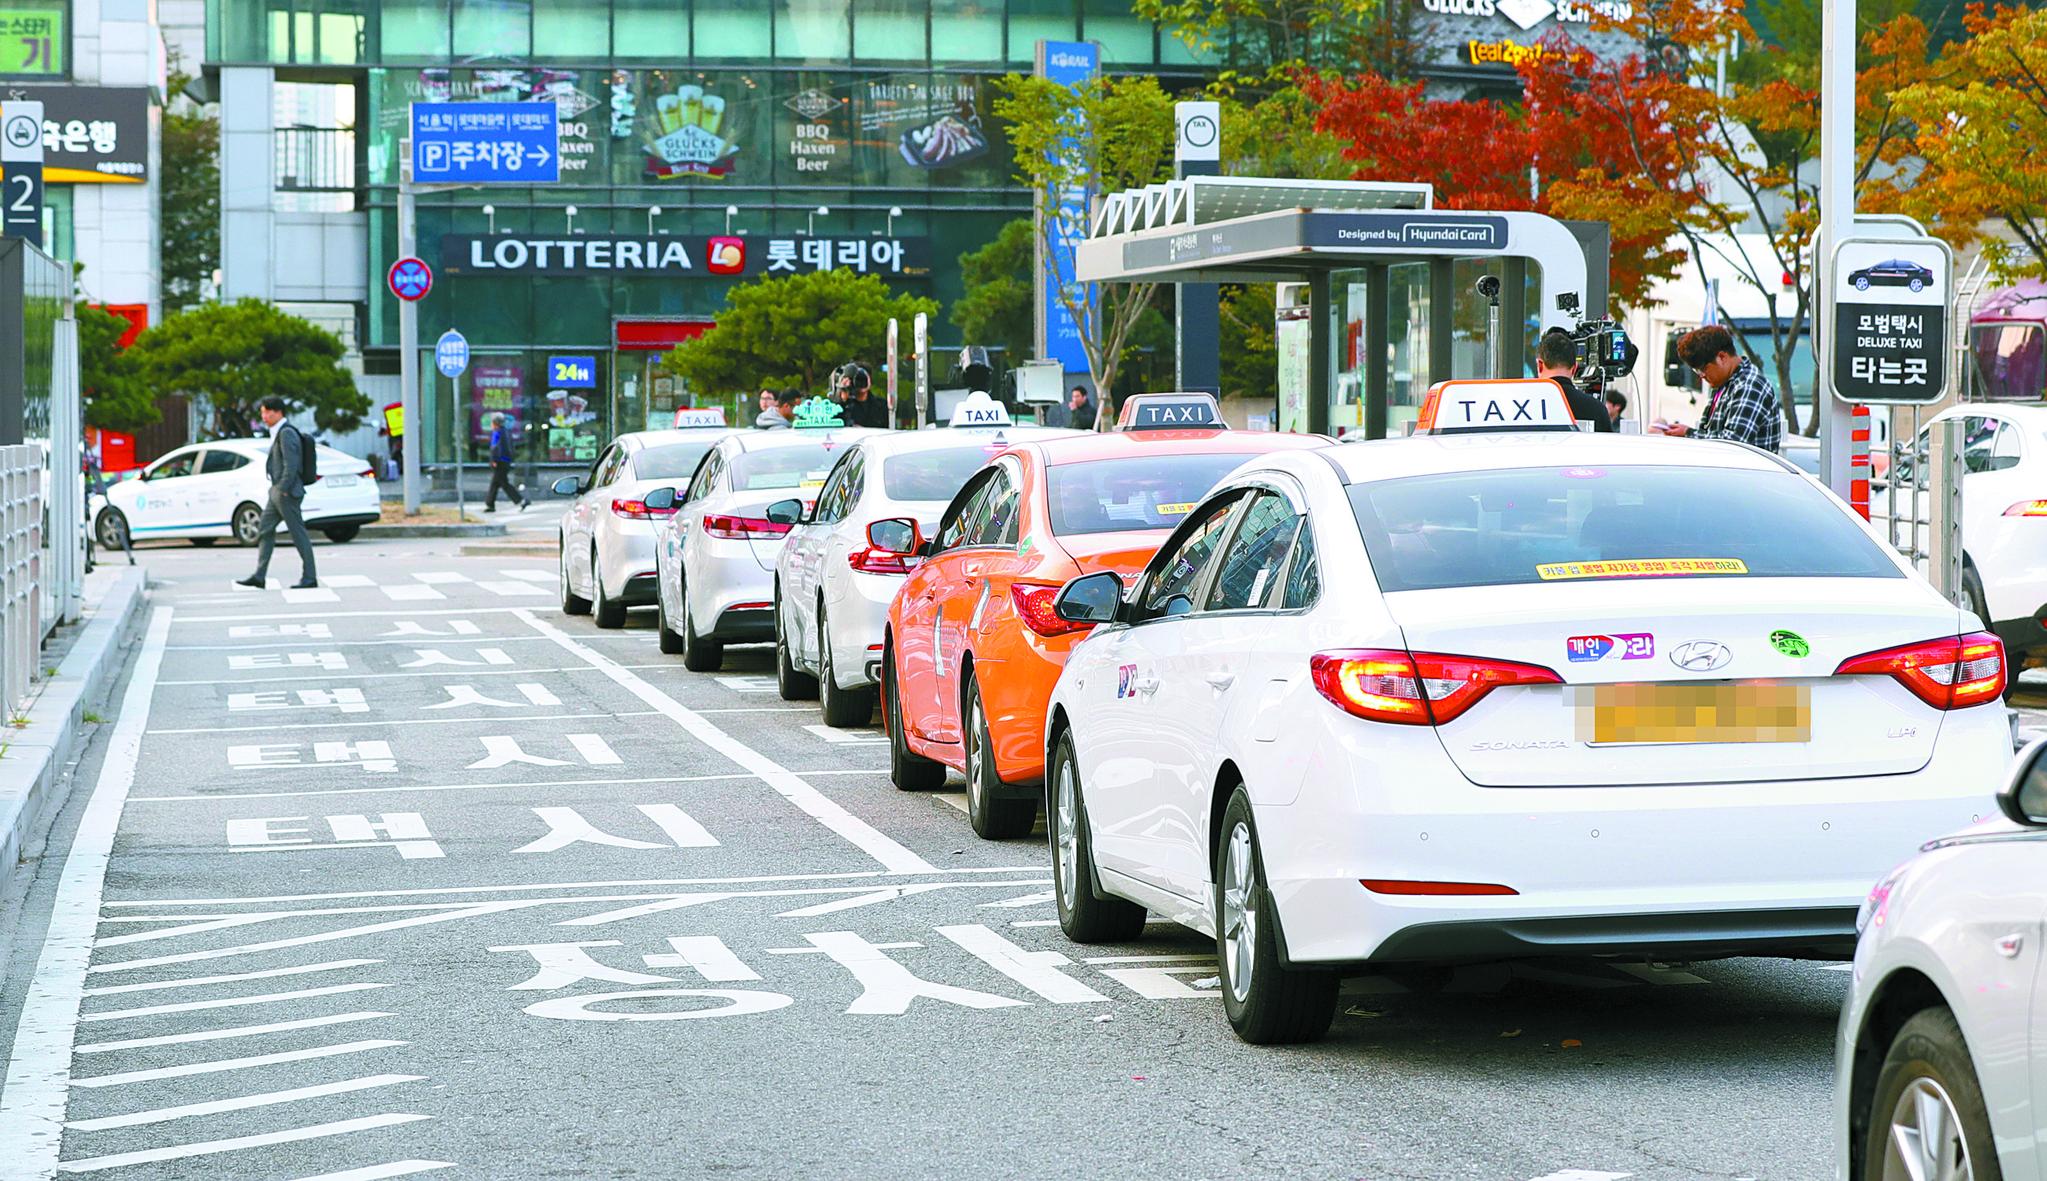 서울 택시요금, 올해 안에 3000→3800원 인상될 듯